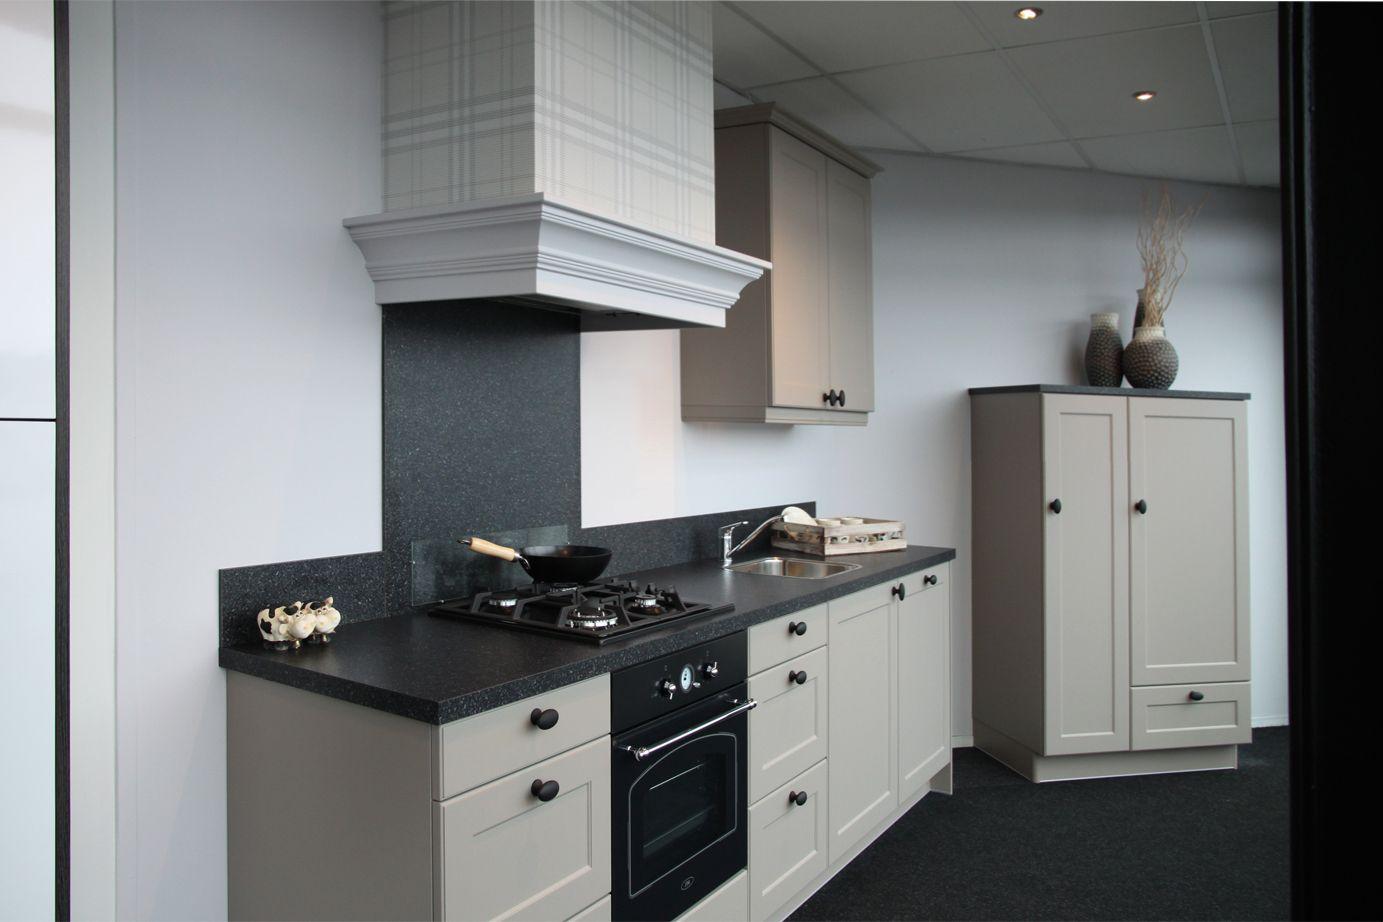 Landelijke keuken met los wandmeubel db keukens rechte for Landelijke keuken